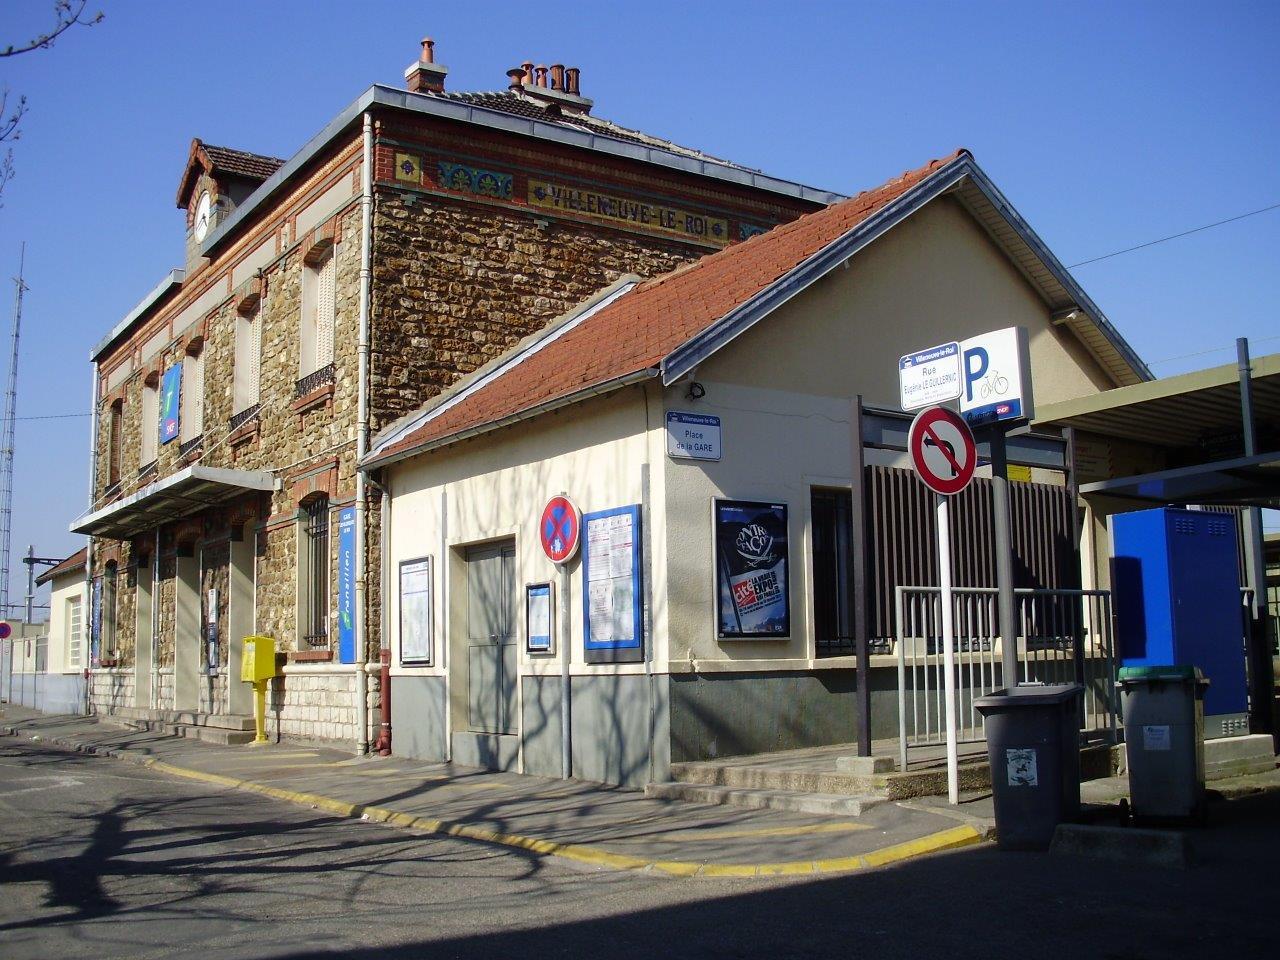 gare-de-villeneuve-le-roi-train-station